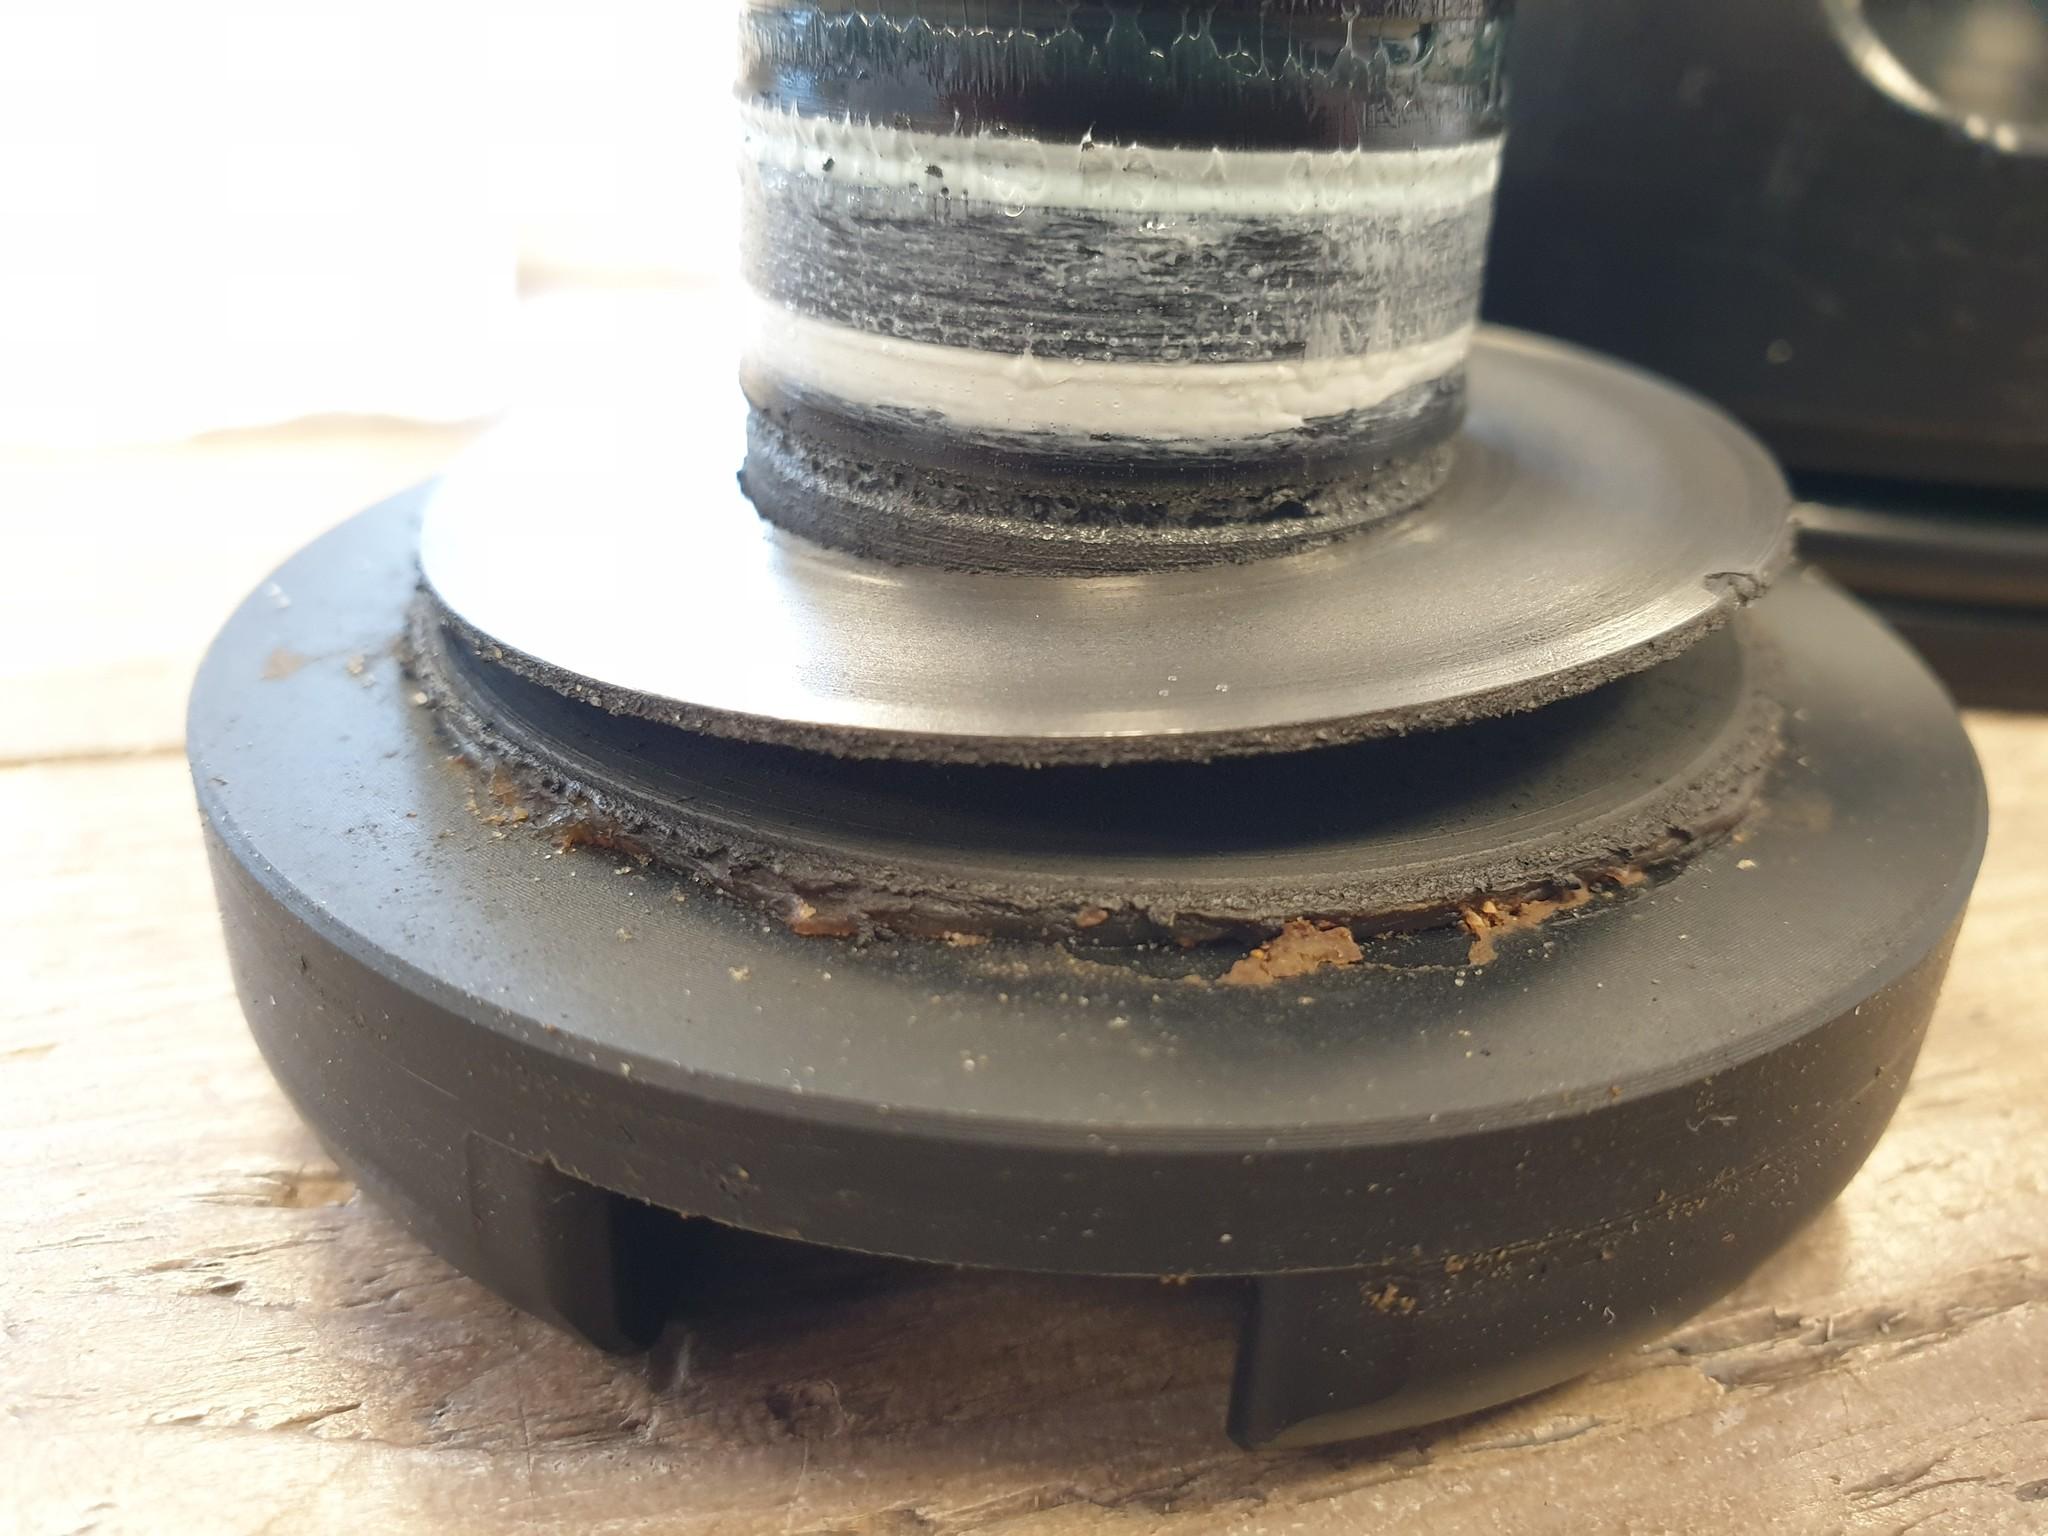 Vervuilde nose cone van een Suex Scooter